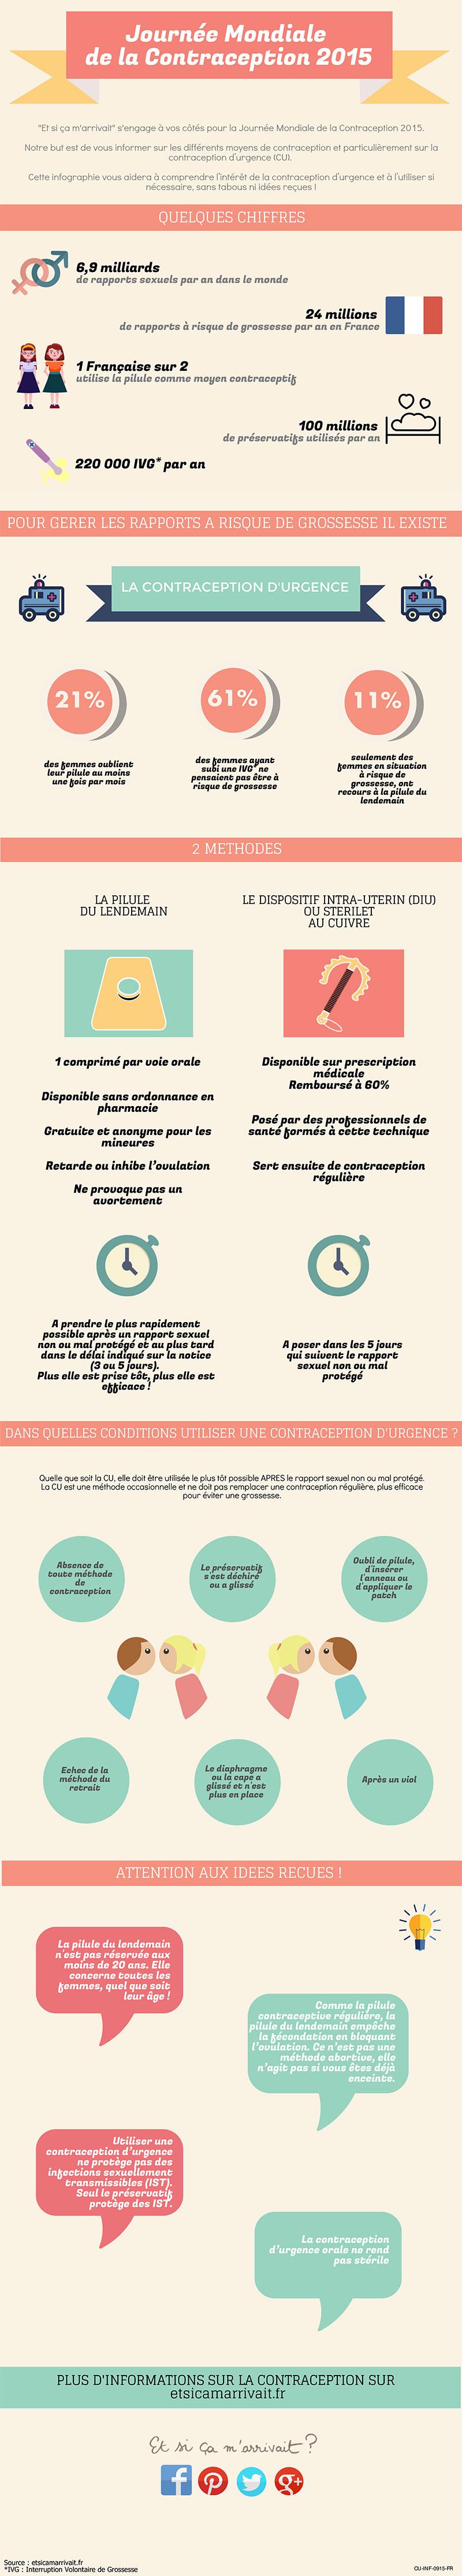 journeģe-mondiale-contraception